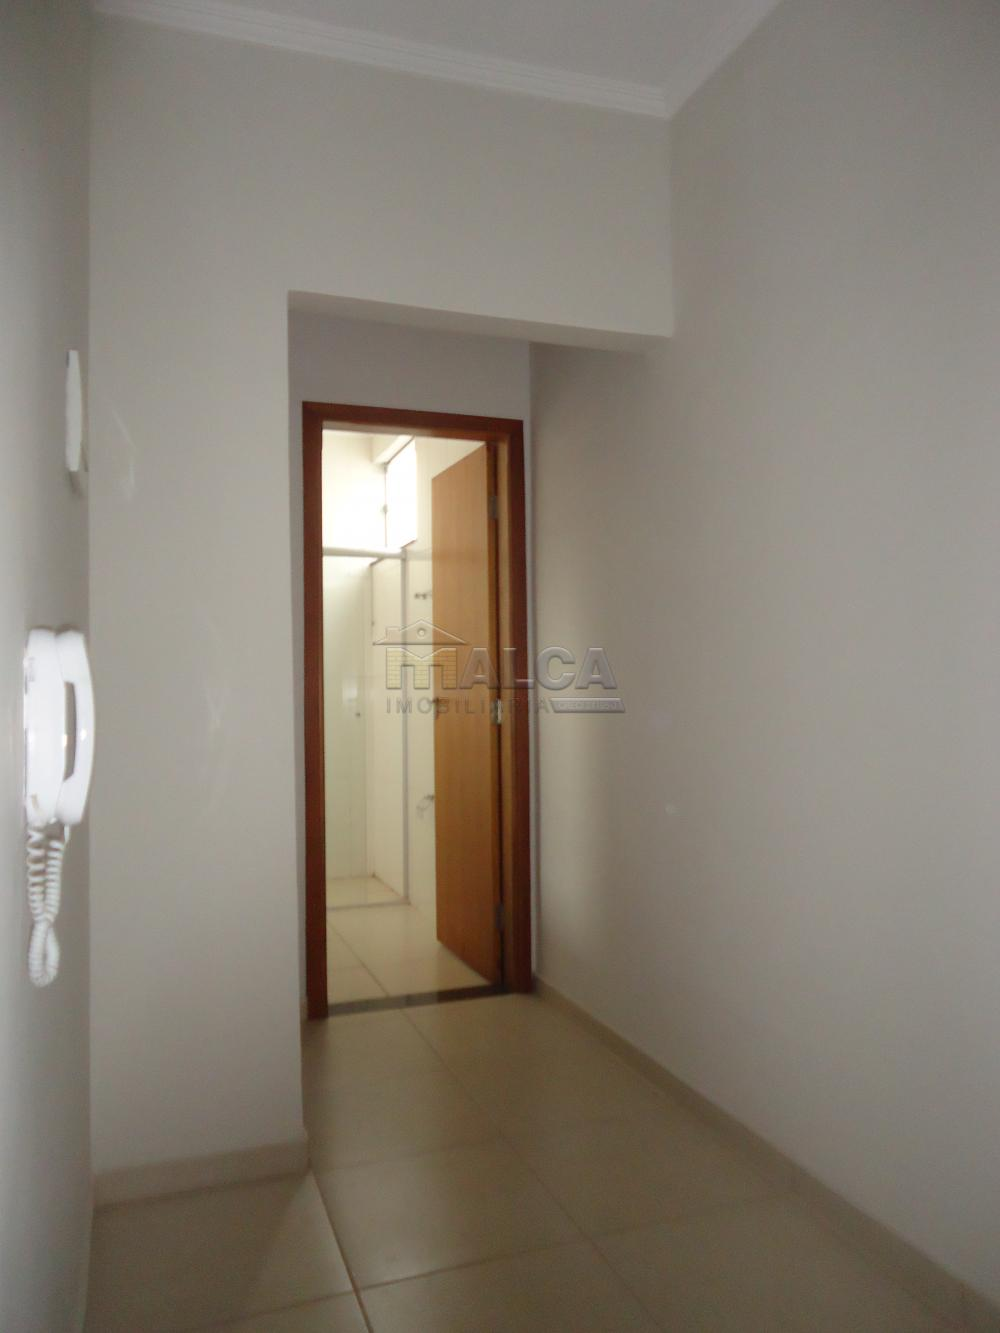 Alugar Apartamentos / Padrão em São José do Rio Pardo R$ 850,00 - Foto 17